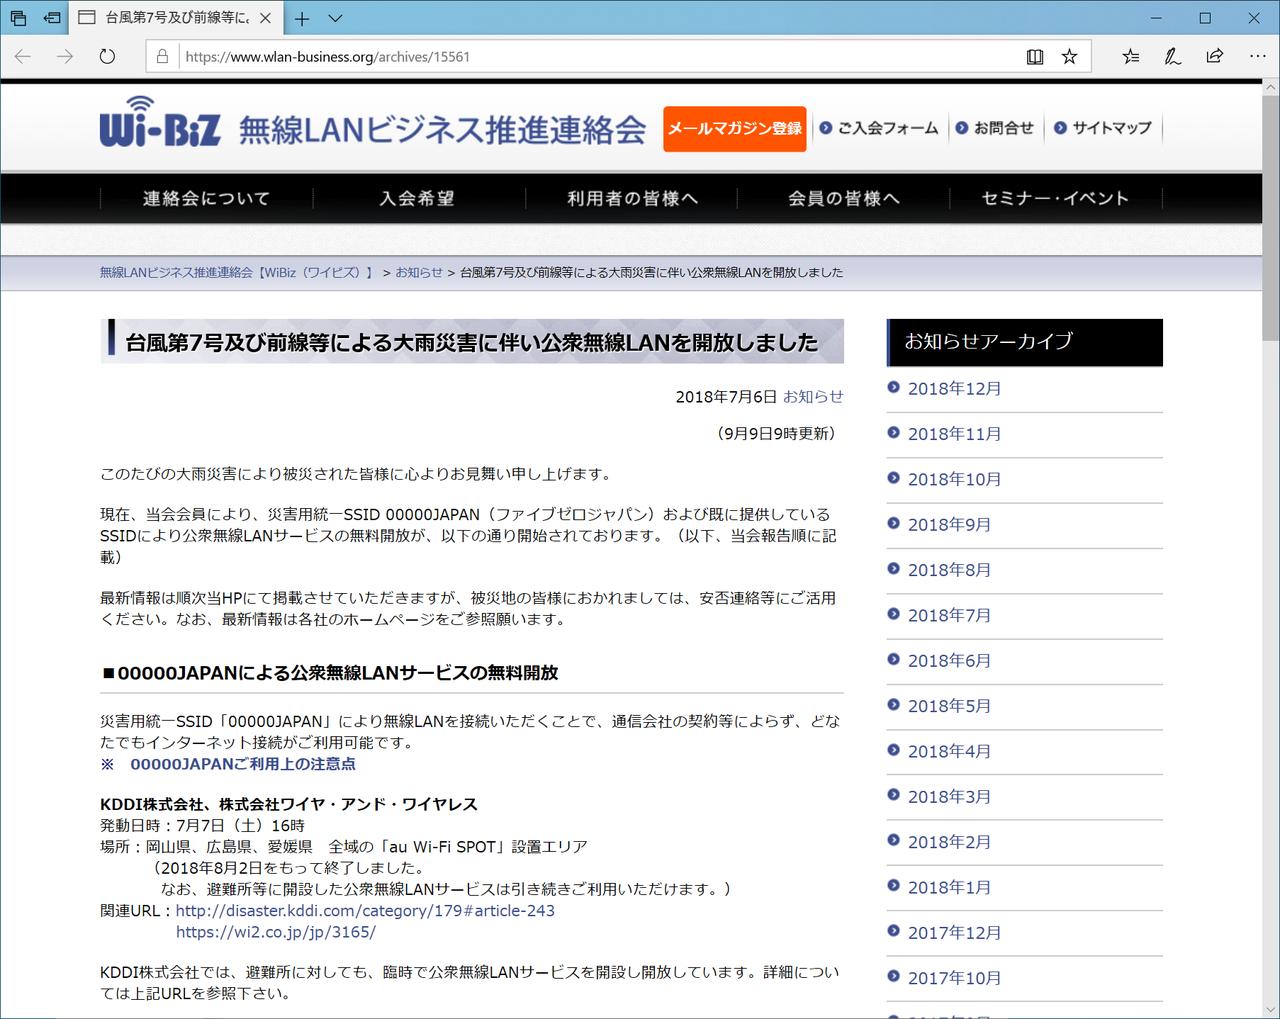 """2018年の台風7号発生の際に「00000JAPAN」が解放されたというお知らせ(<a href=""""https://www.wlan-business.org/archives/15561"""" class=""""n"""" target=""""_blank"""">無線LANビジネス推進連絡会のウェブページ</a>より)"""